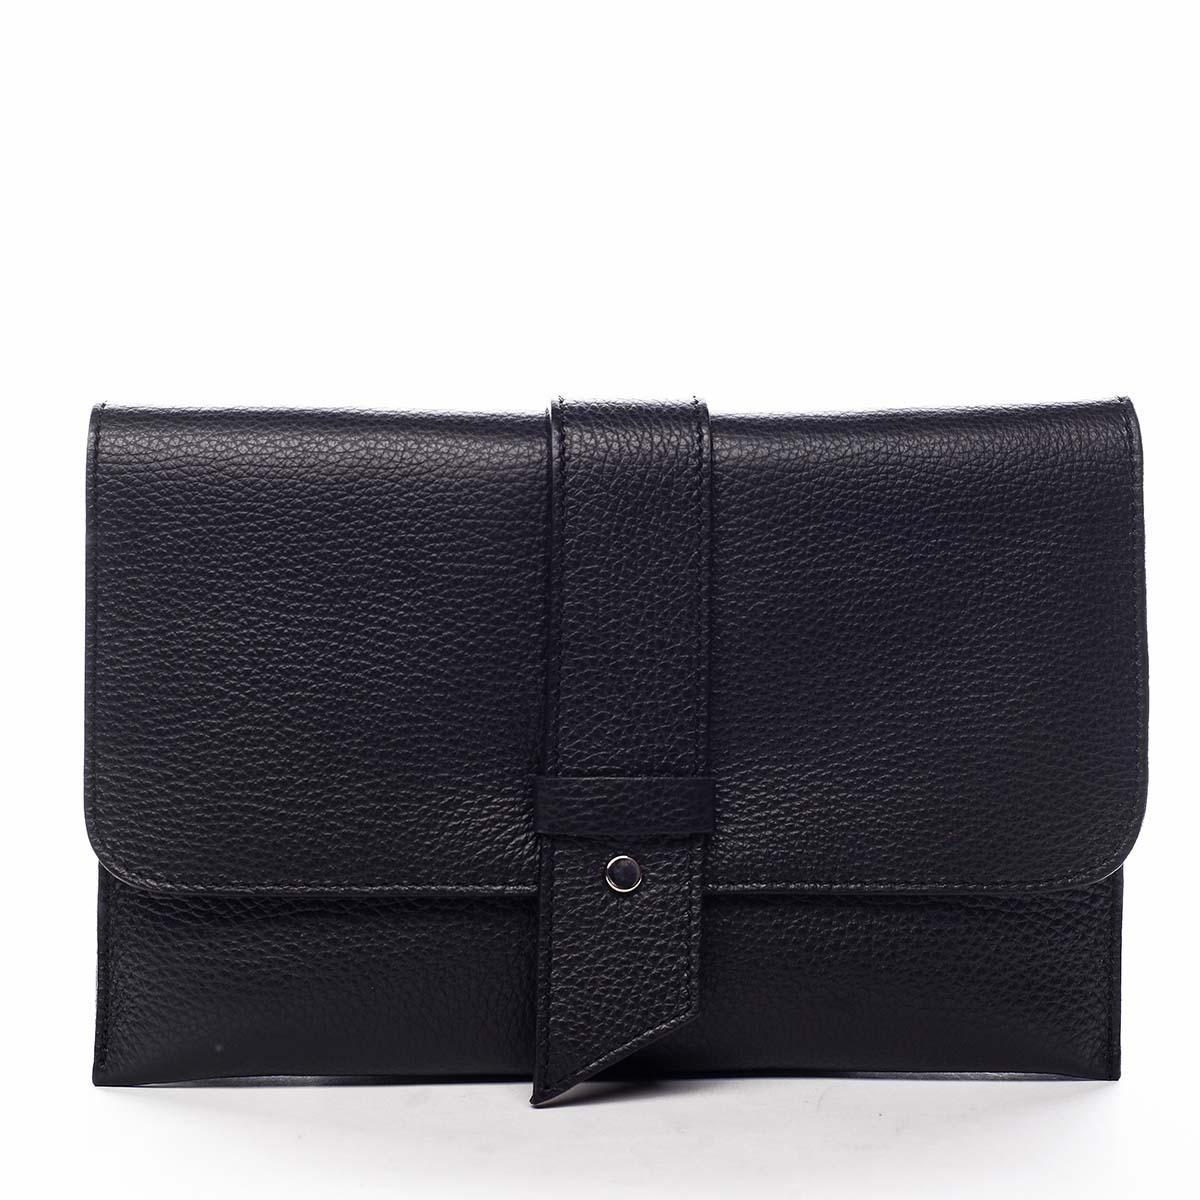 Luxusní dámská kabelka černá - ItalY Brother